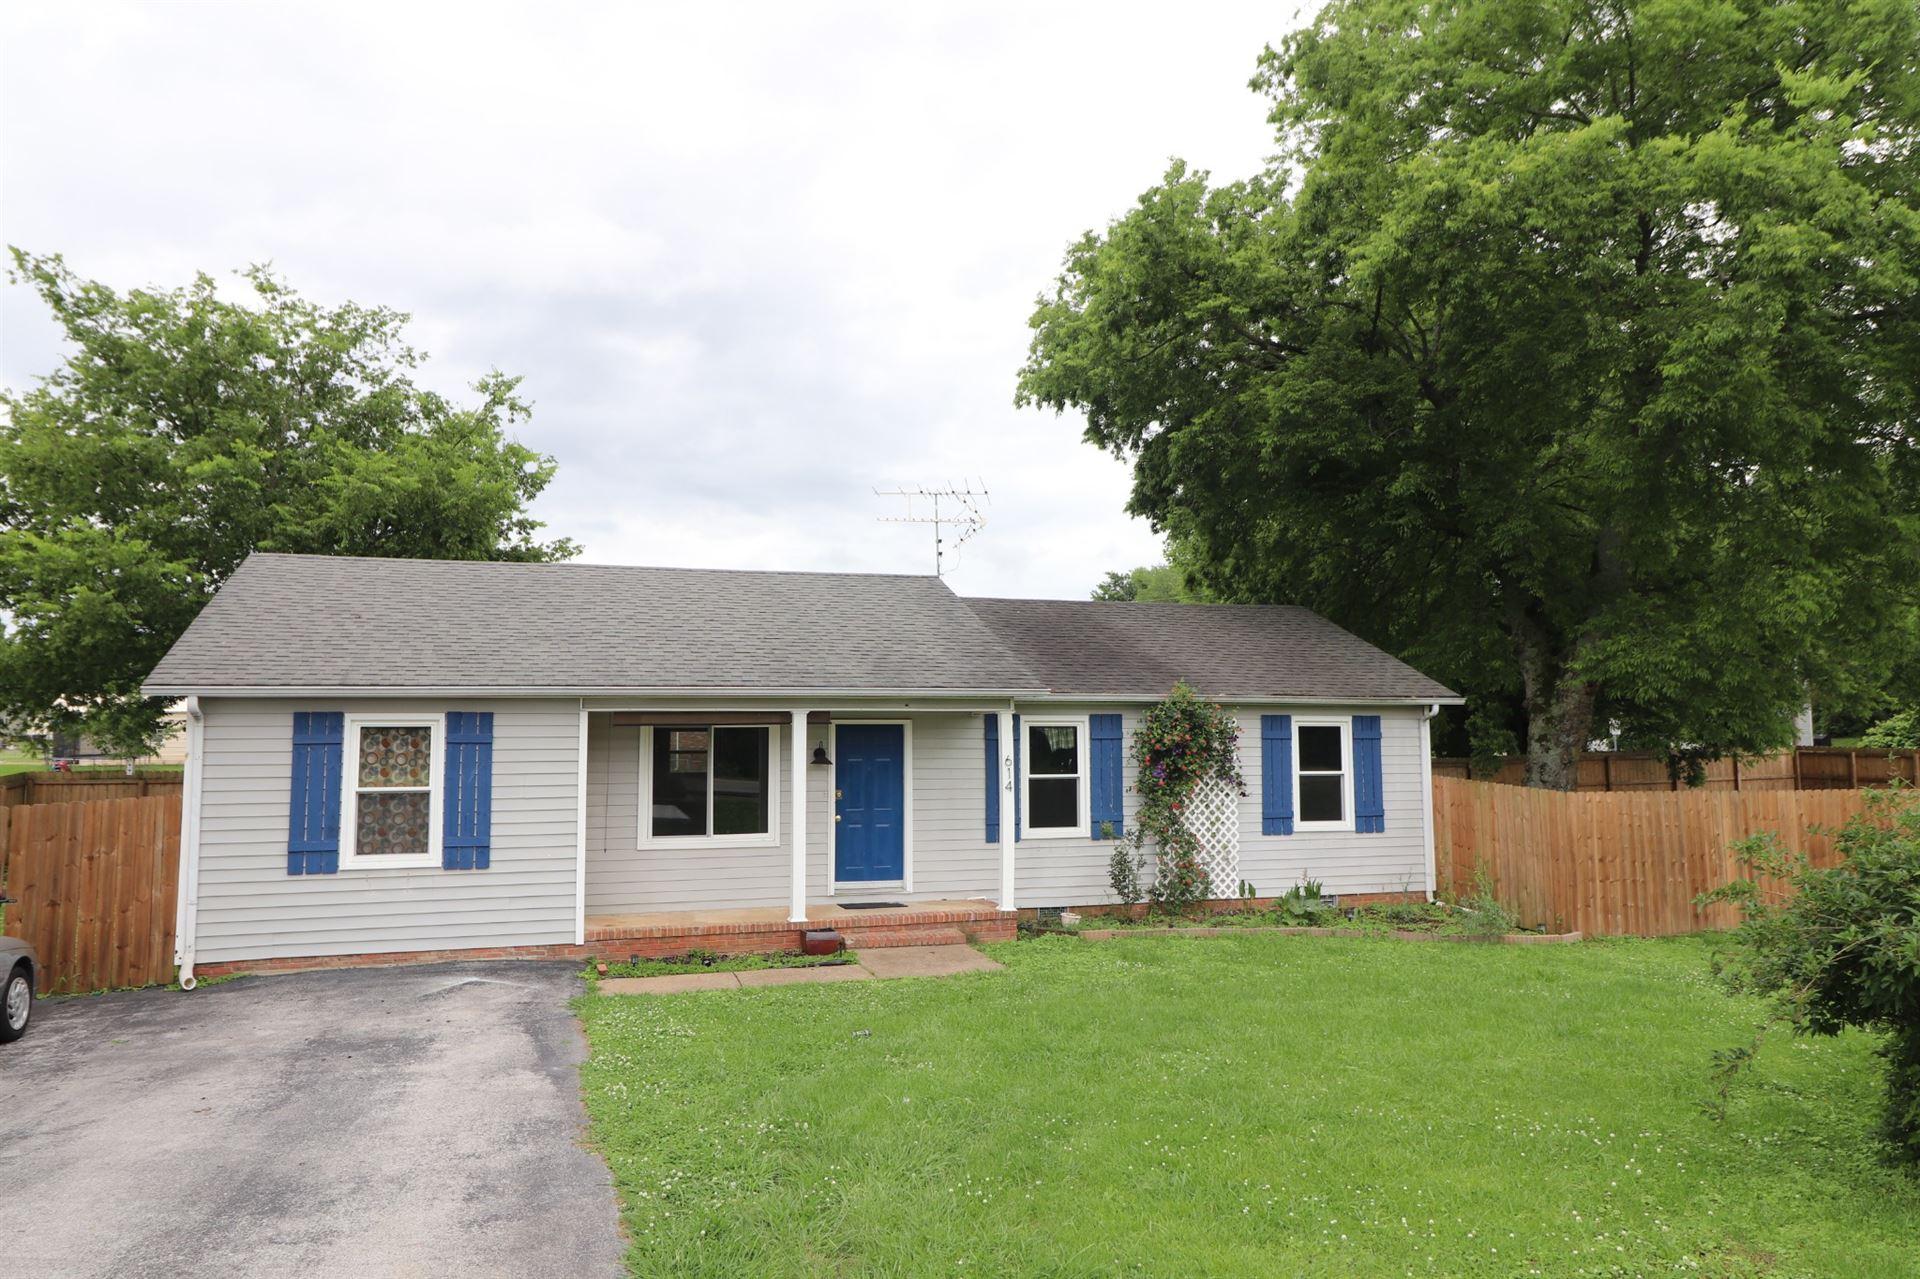 614 Rutherford Ln, Columbia, TN 38401 - MLS#: 2261684